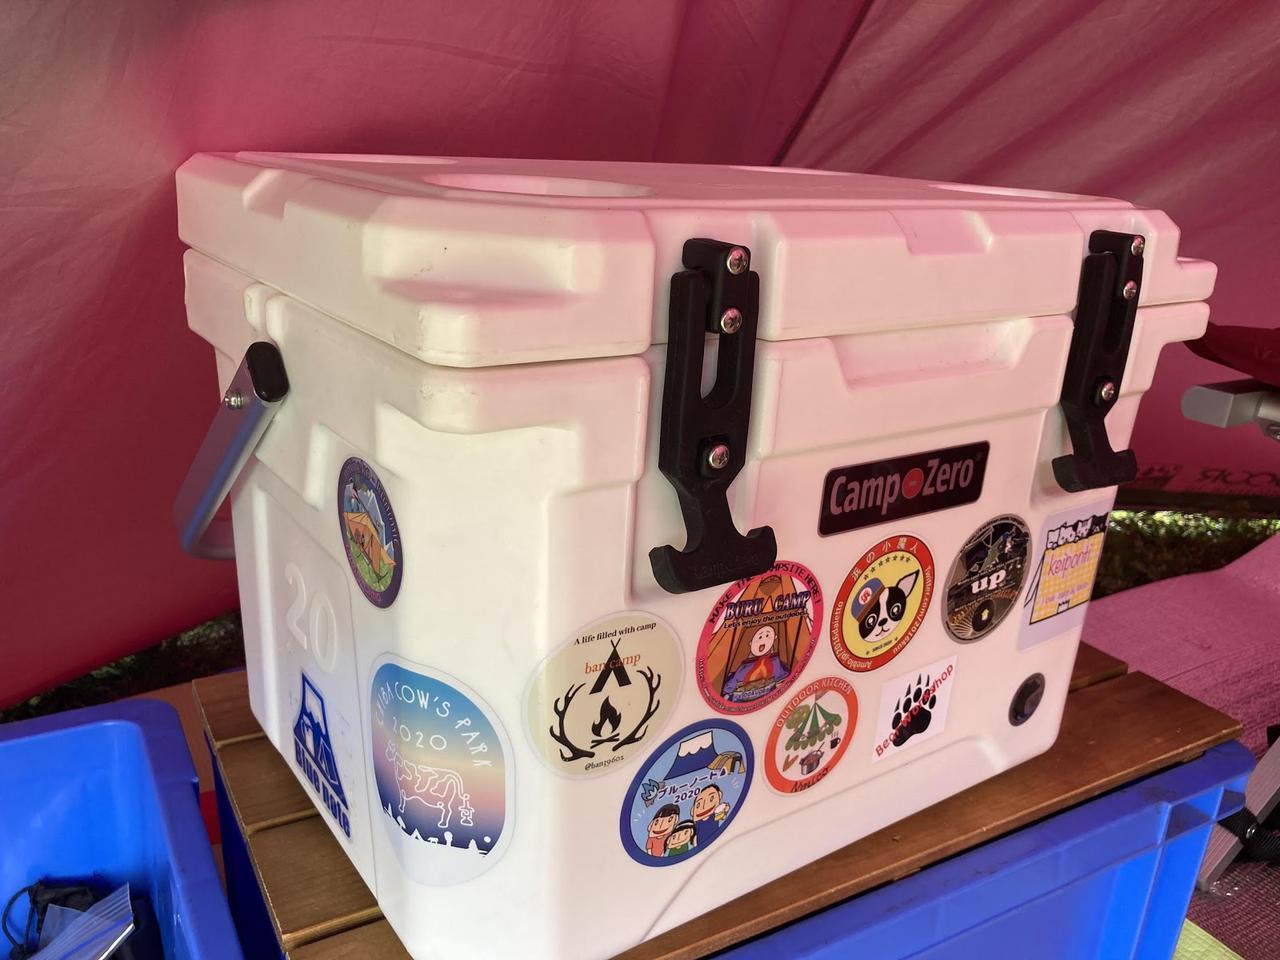 画像: 【連泊ソロキャンプにおすすめ】コストコで買えるクーラーボックス「キャンプゼロ 20L ロトモールド」の保冷力を検証! - ハピキャン|キャンプ・アウトドア情報メディア